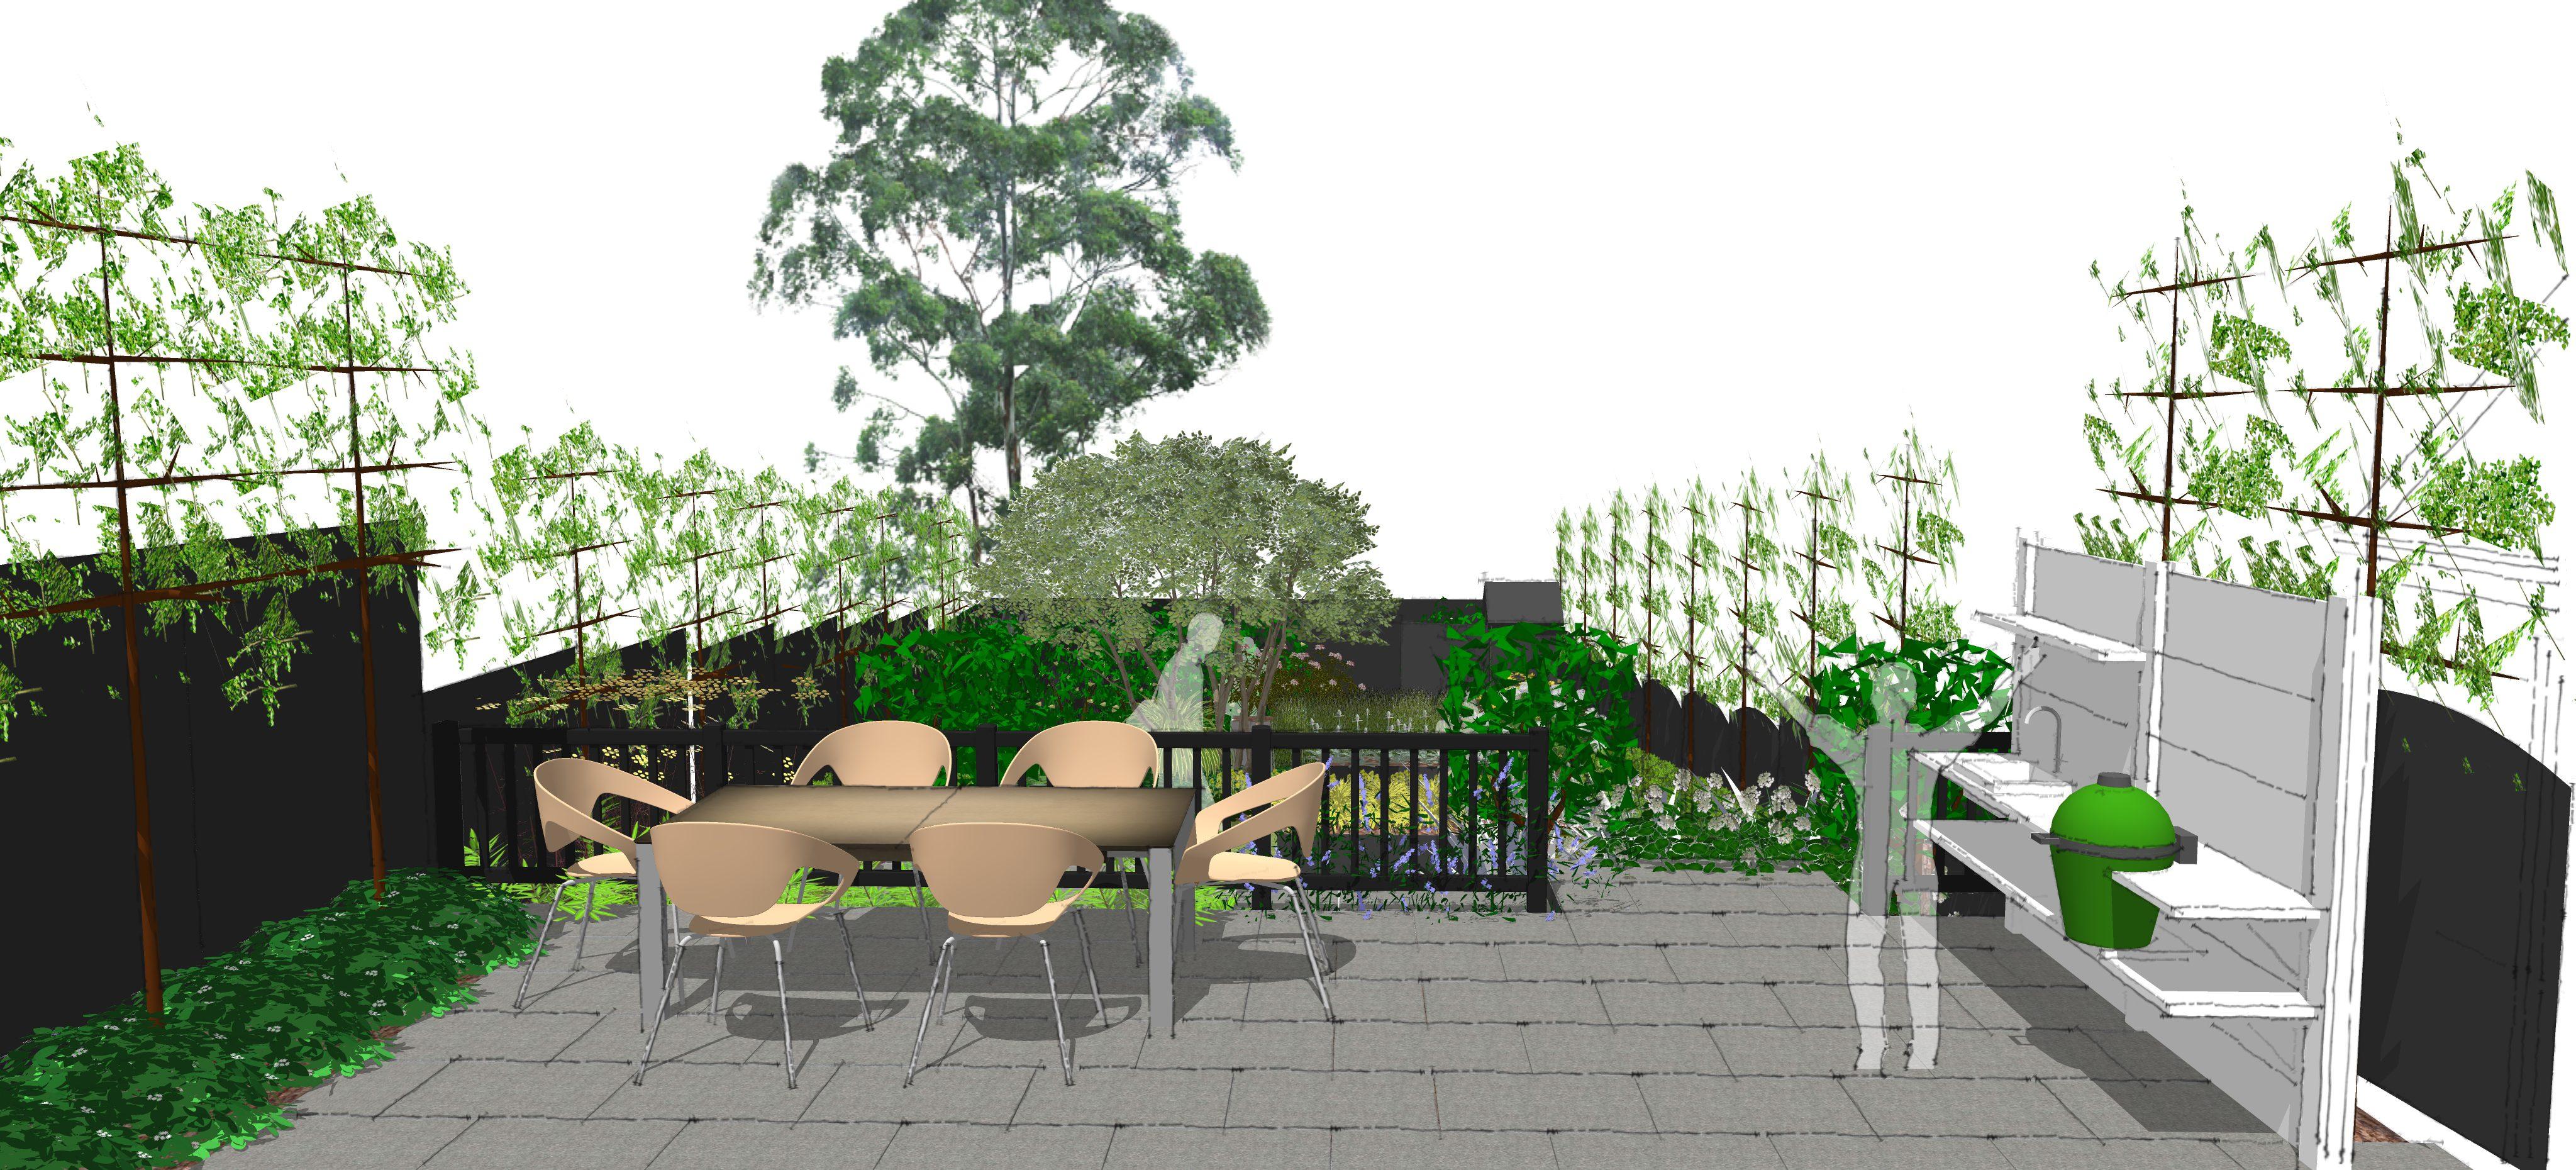 view down a modern garden design